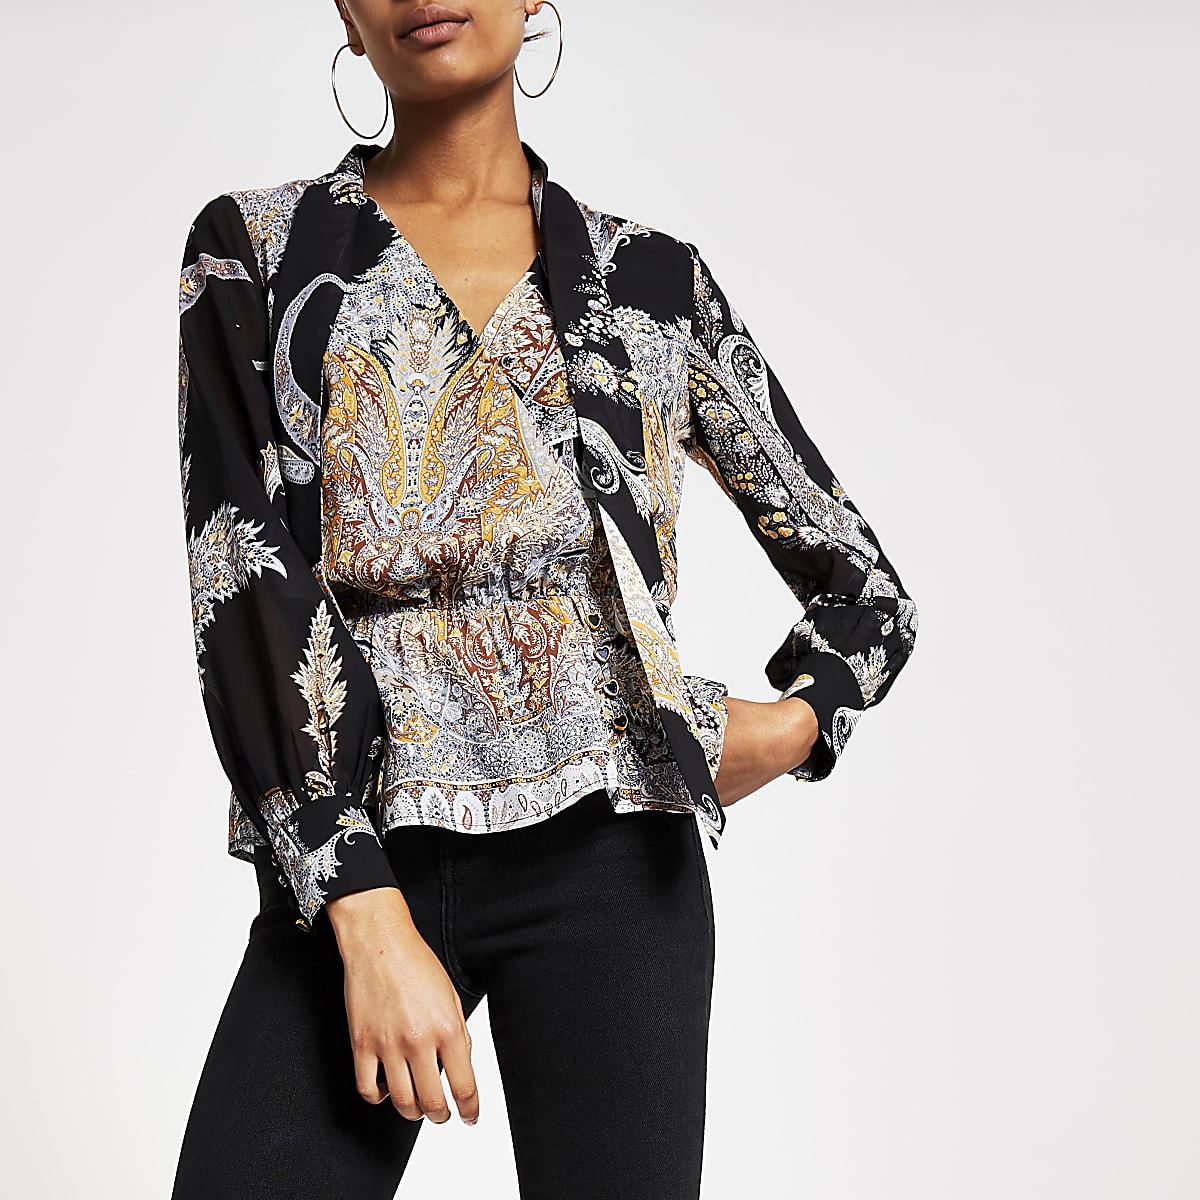 Zwarte blouse met print, strik om hals en doorschijnende mouwen